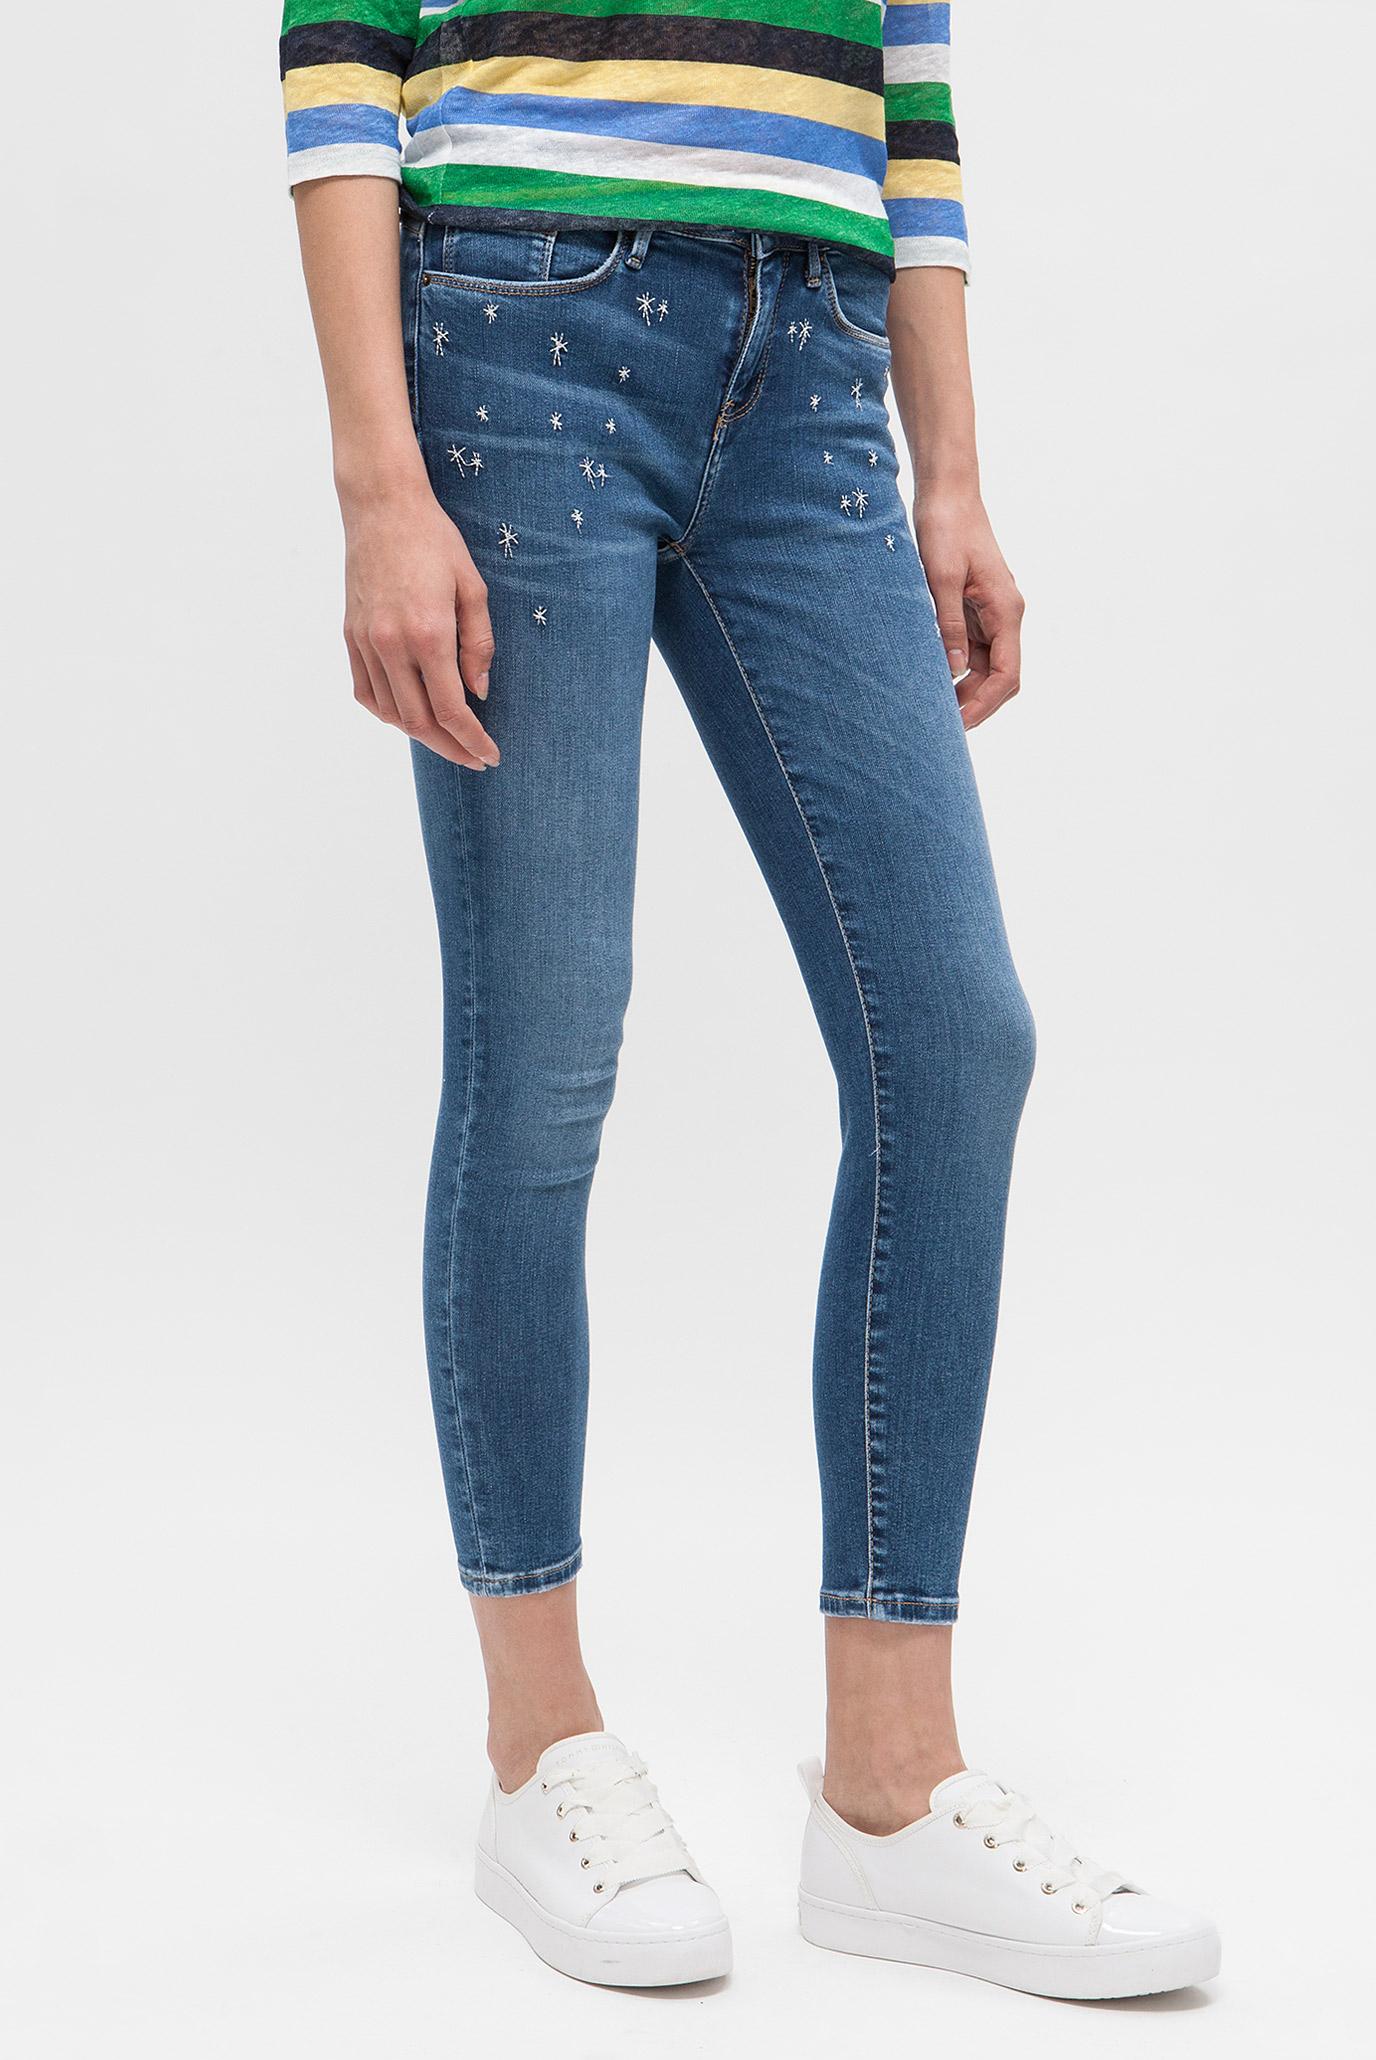 Купить Женские голубые джинсы COMO RW CROPPED ISA Tommy Hilfiger Tommy Hilfiger WW0WW22000 – Киев, Украина. Цены в интернет магазине MD Fashion